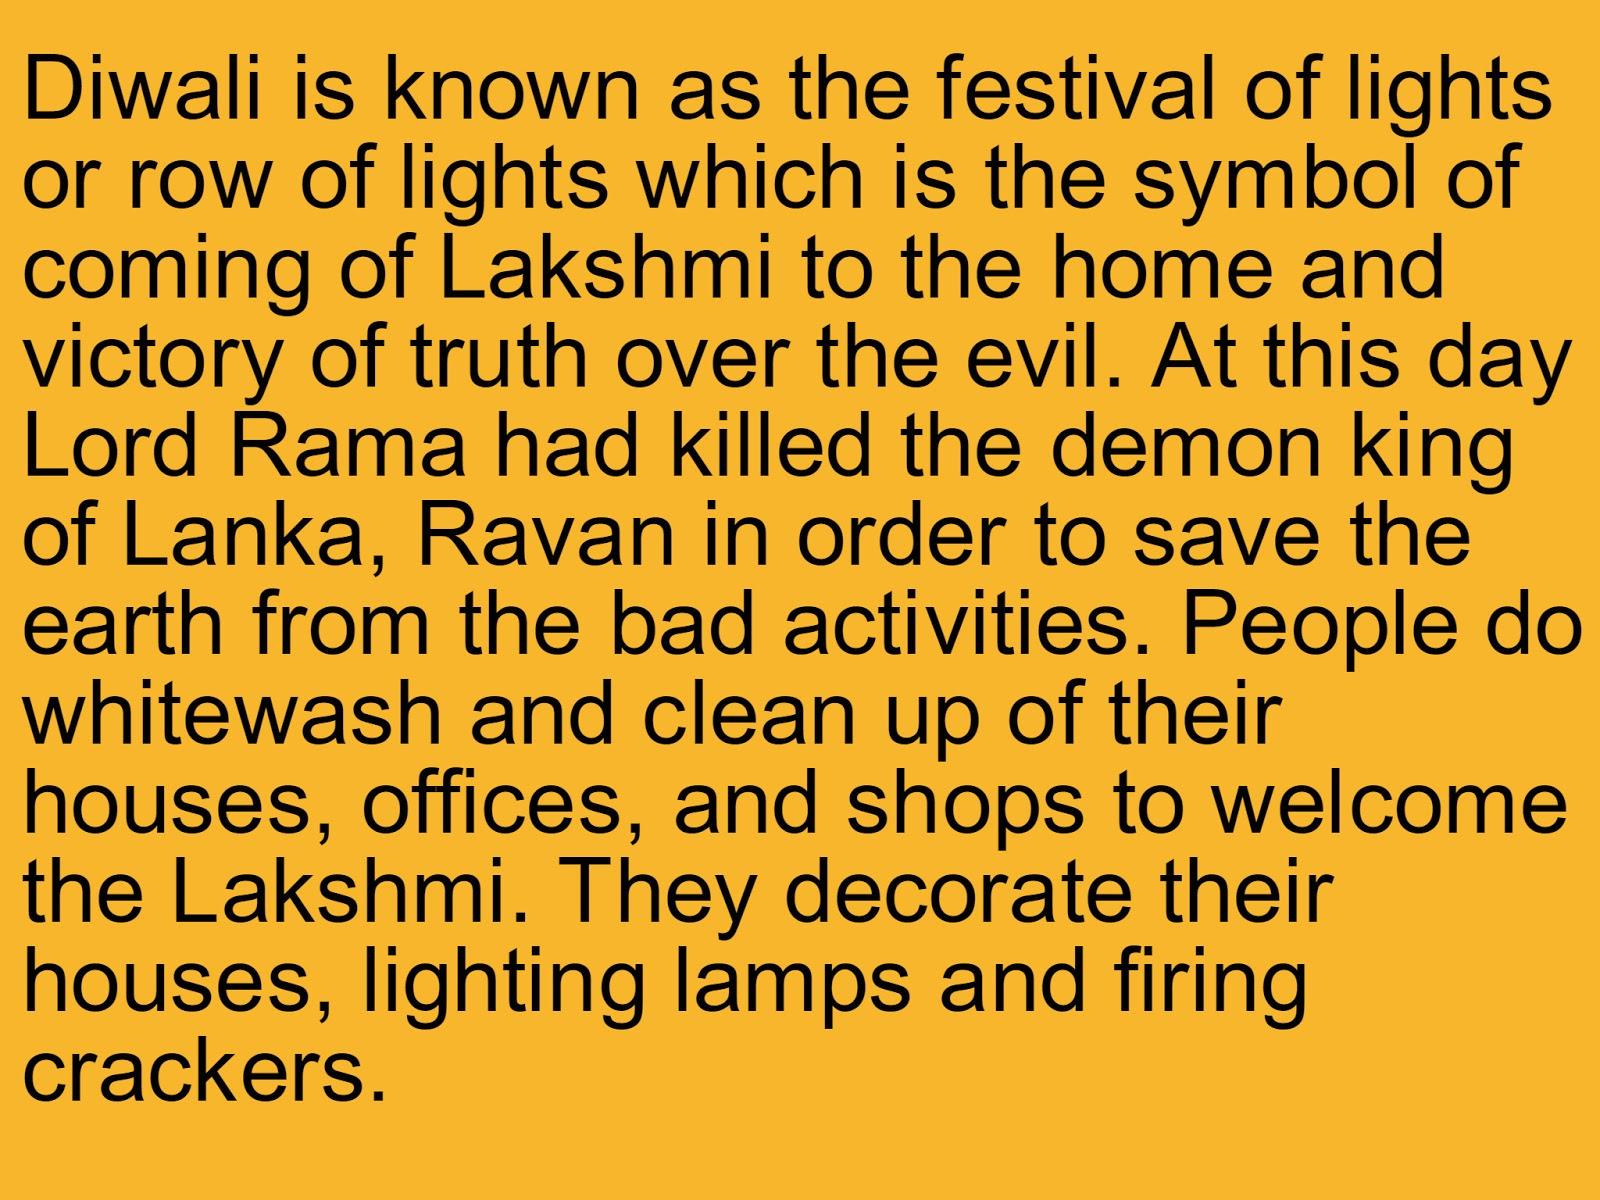 diwali essay in english essay on diwali in english for class short  simple essay on diwali example thatsnotus simple essay on diwali example